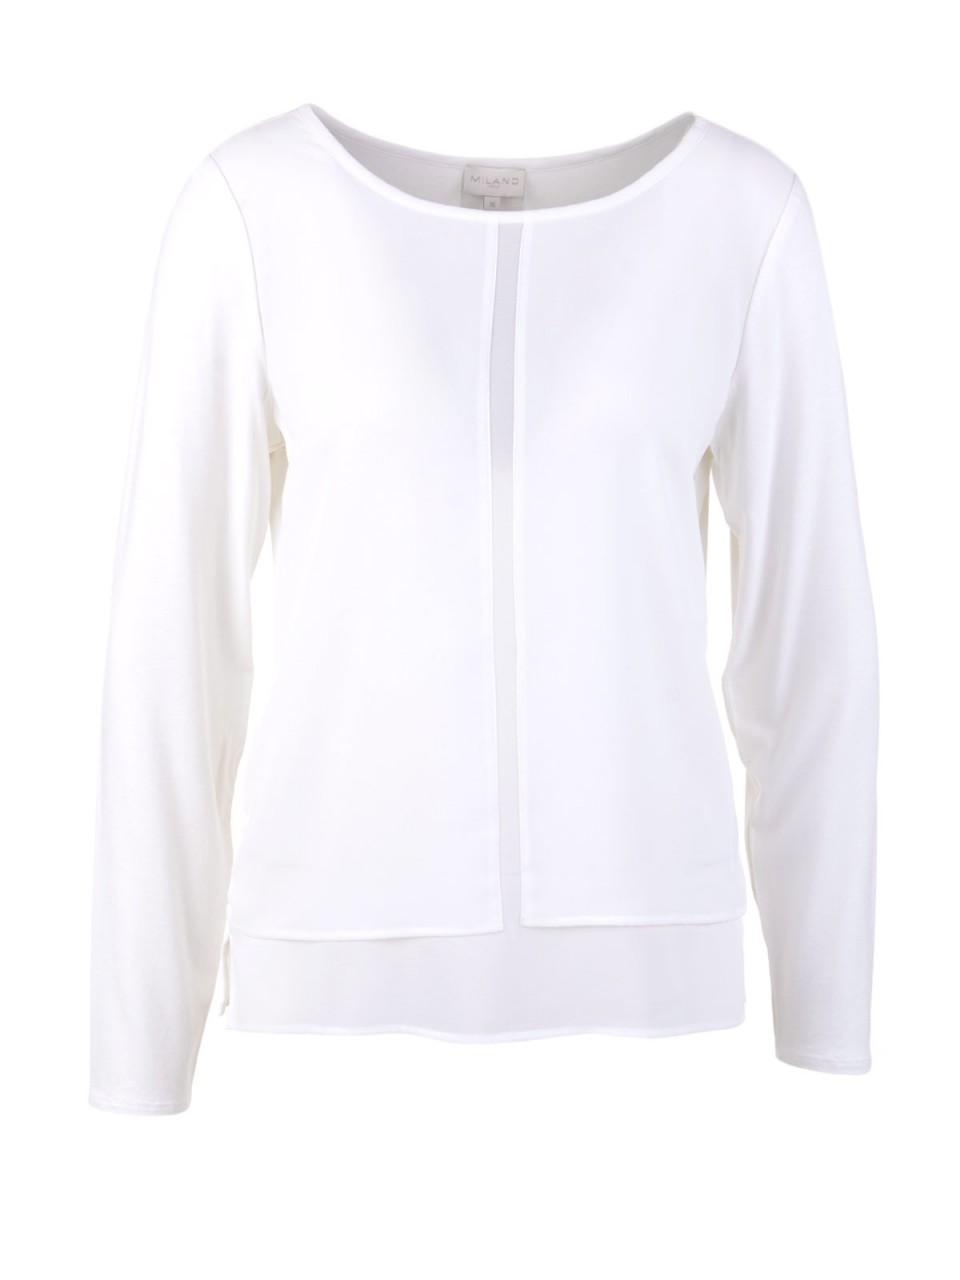 Oberteile - MILANO ITALY Damen Bluse, cremeweiß  - Onlineshop Designermode.com